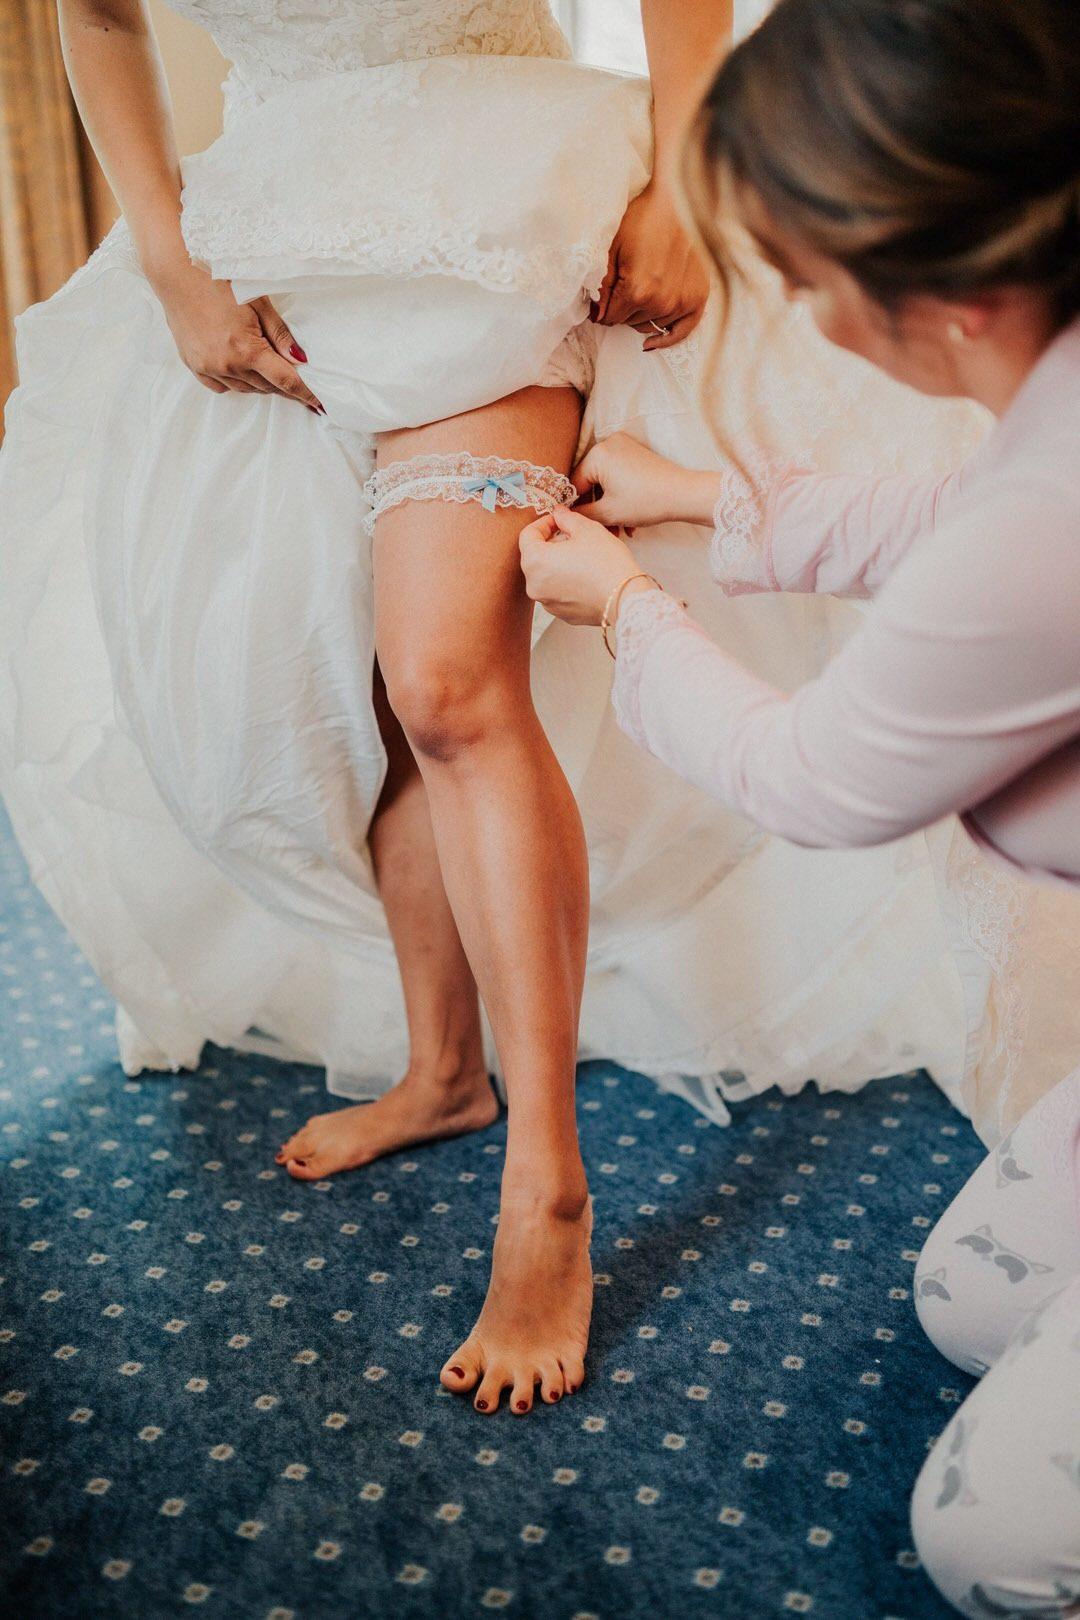 Anziehen des Strumpfbands der Boho-Braut beim Getting Ready